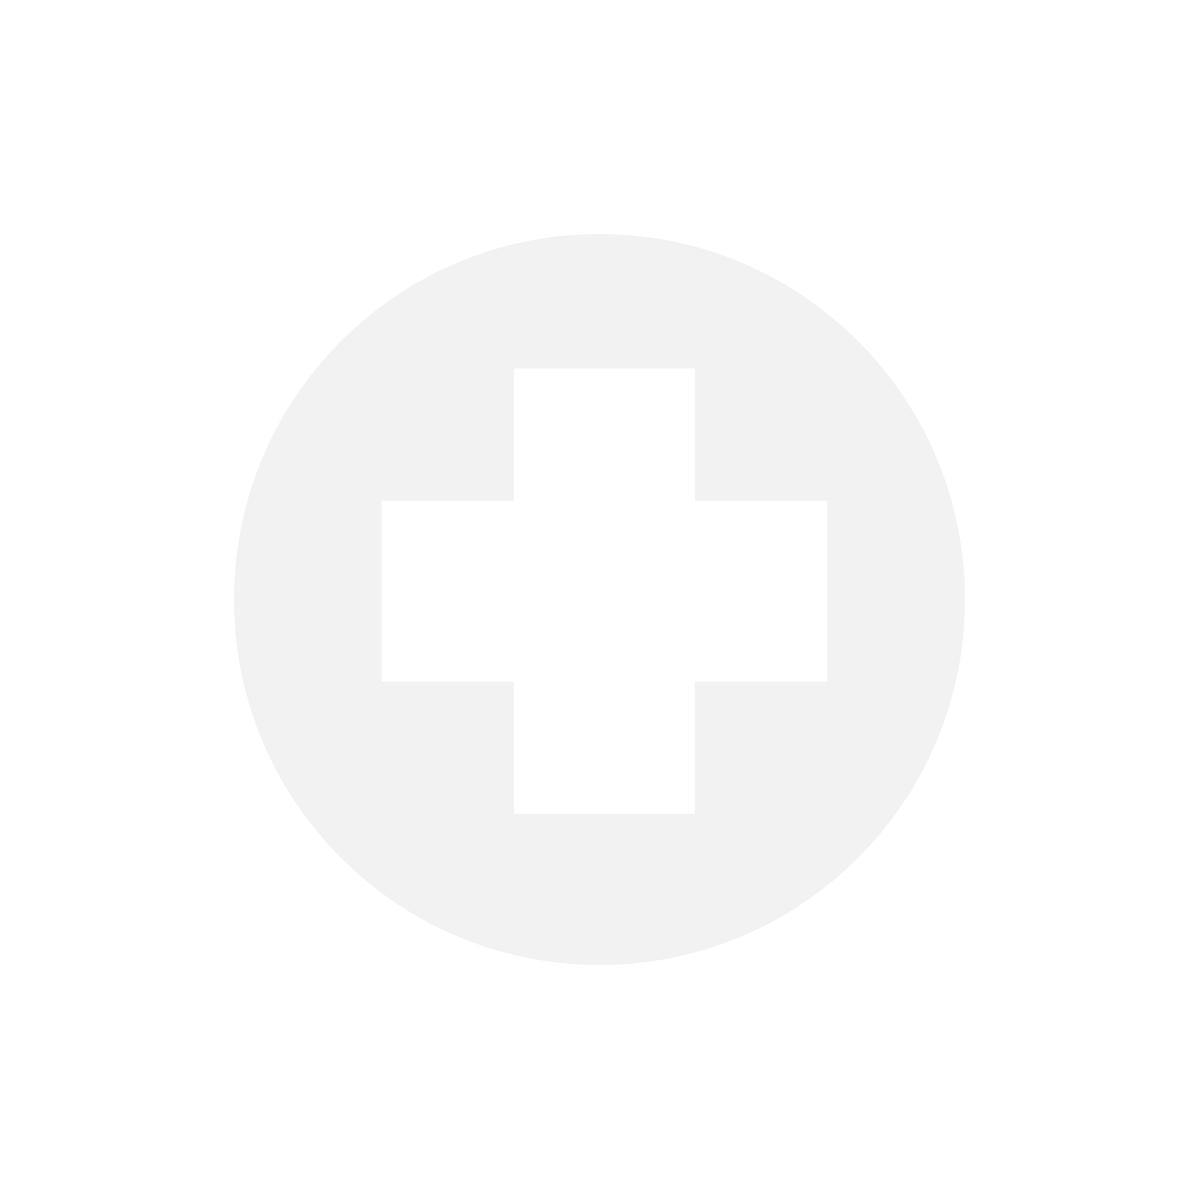 ZIMMER Opton Pro 25 W + Cryo 6 à -50%